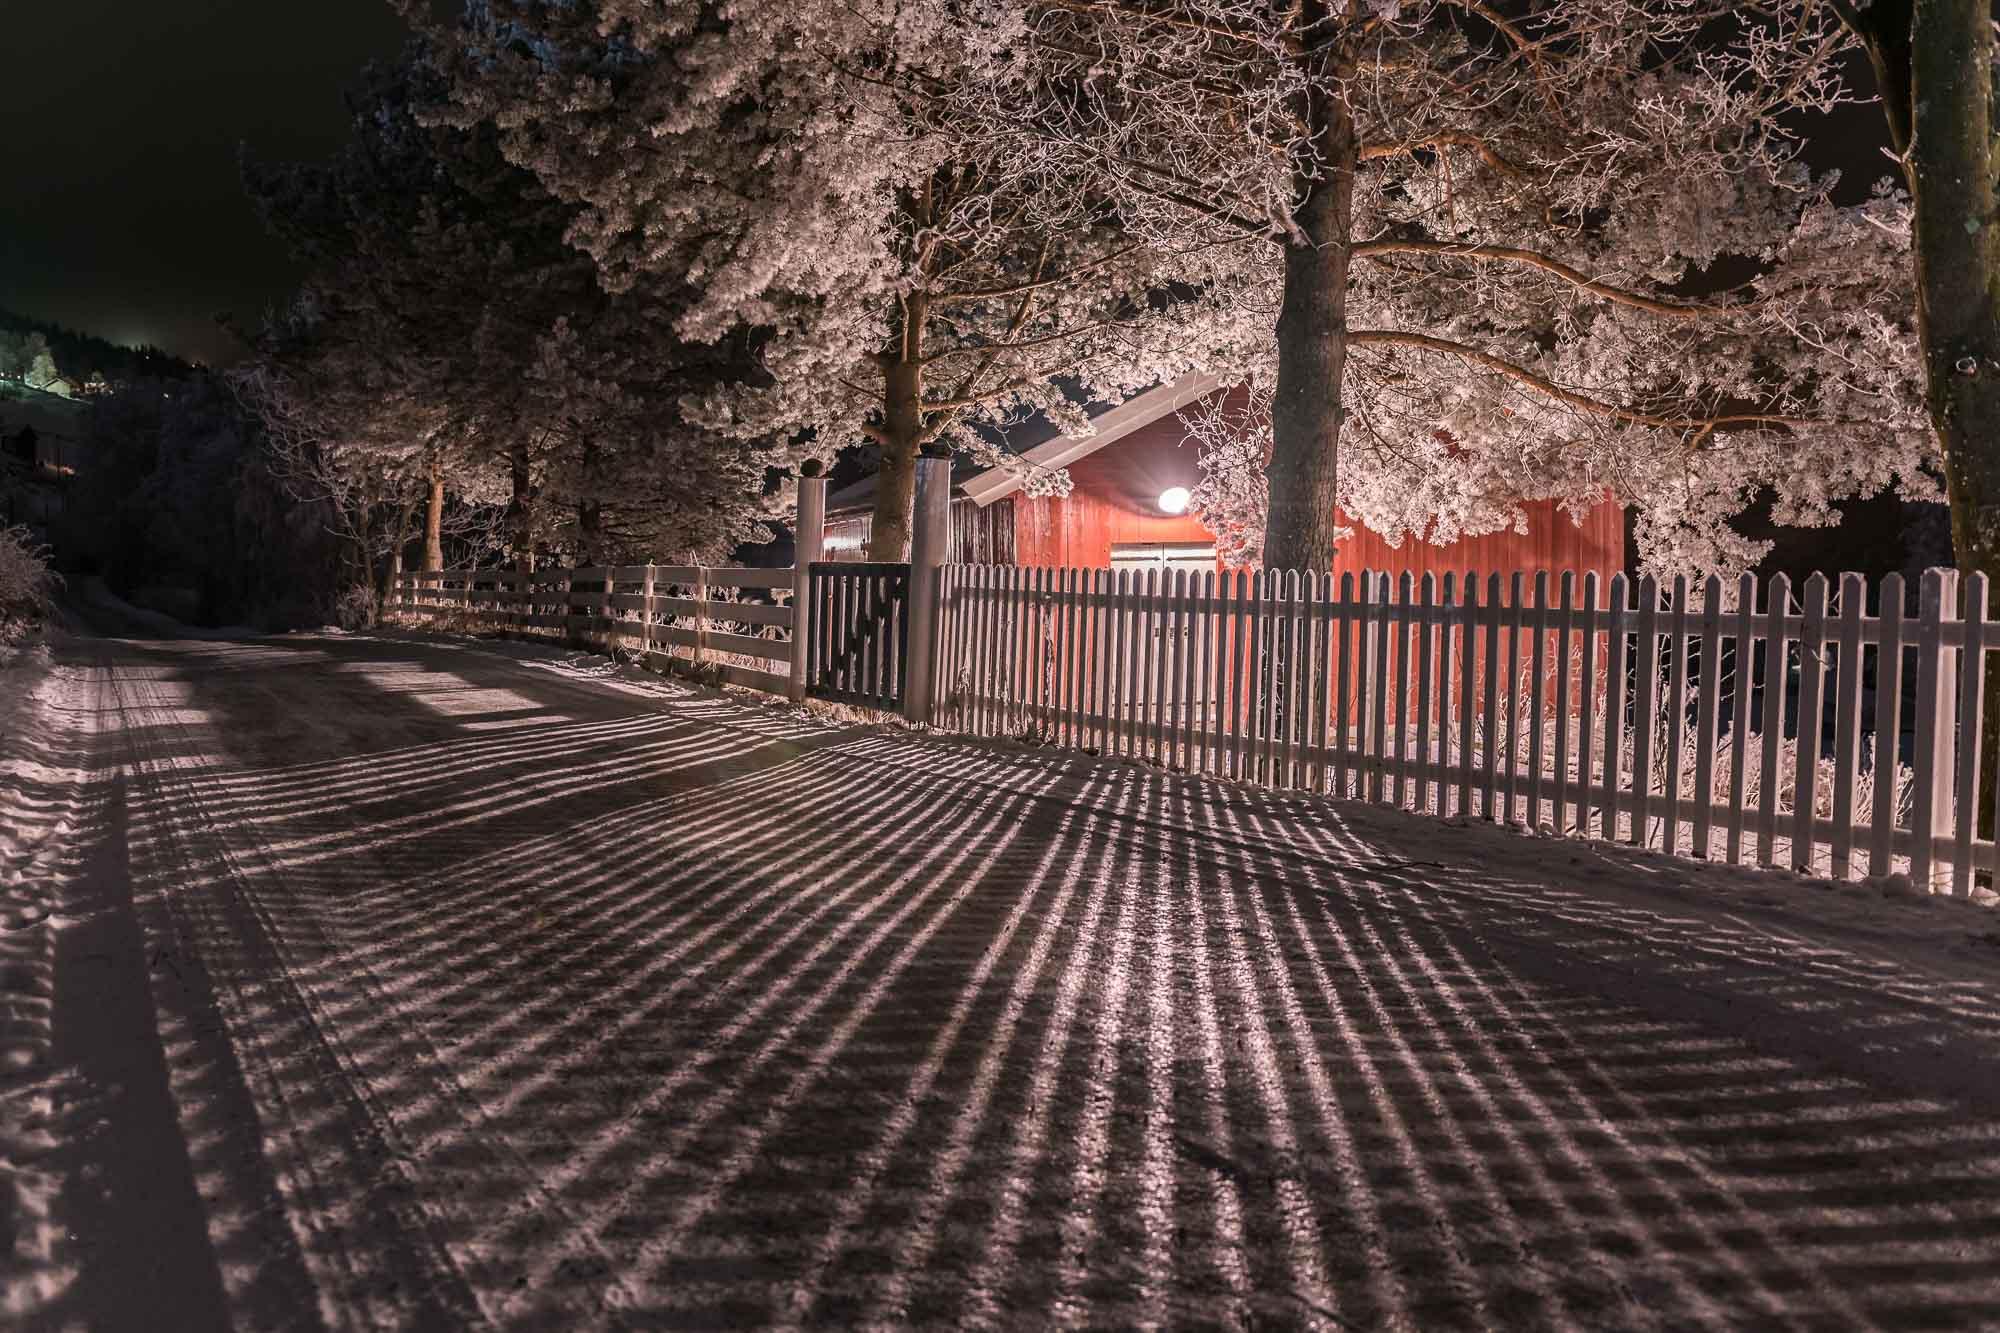 Lys og skygge ut av natten. Januar 2017 ved Kirkenær